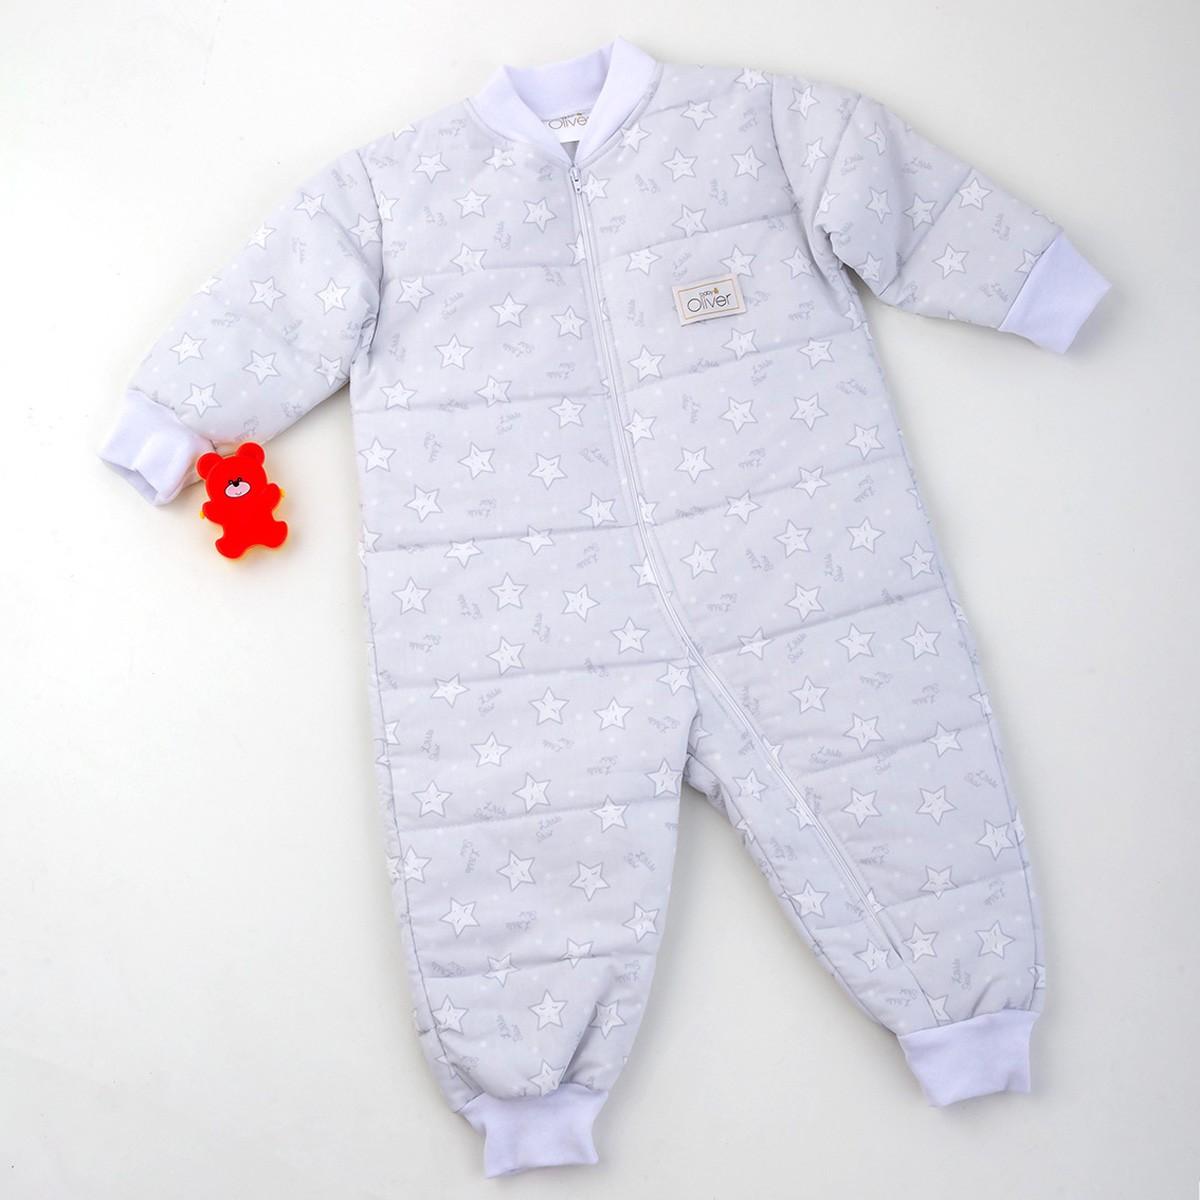 Υπνόσακος Baby Oliver Des 40 No1 No1